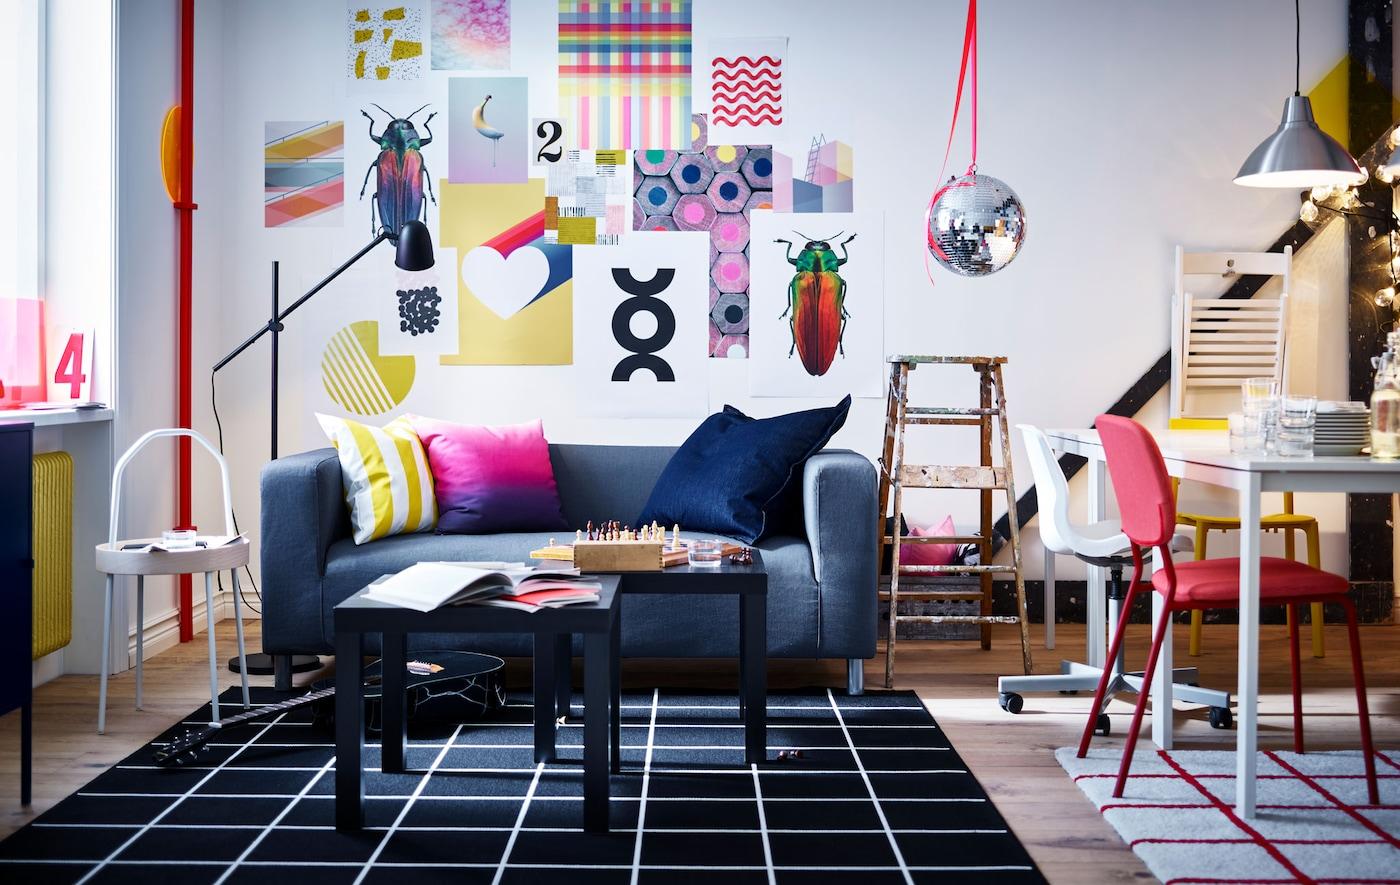 Vesela dnevna soba i radni prostor sa zidnom umjetnošću, sofom, stolićima, lampama, bijelim stolovima, stolicama, tepisima i starim ljestvama.